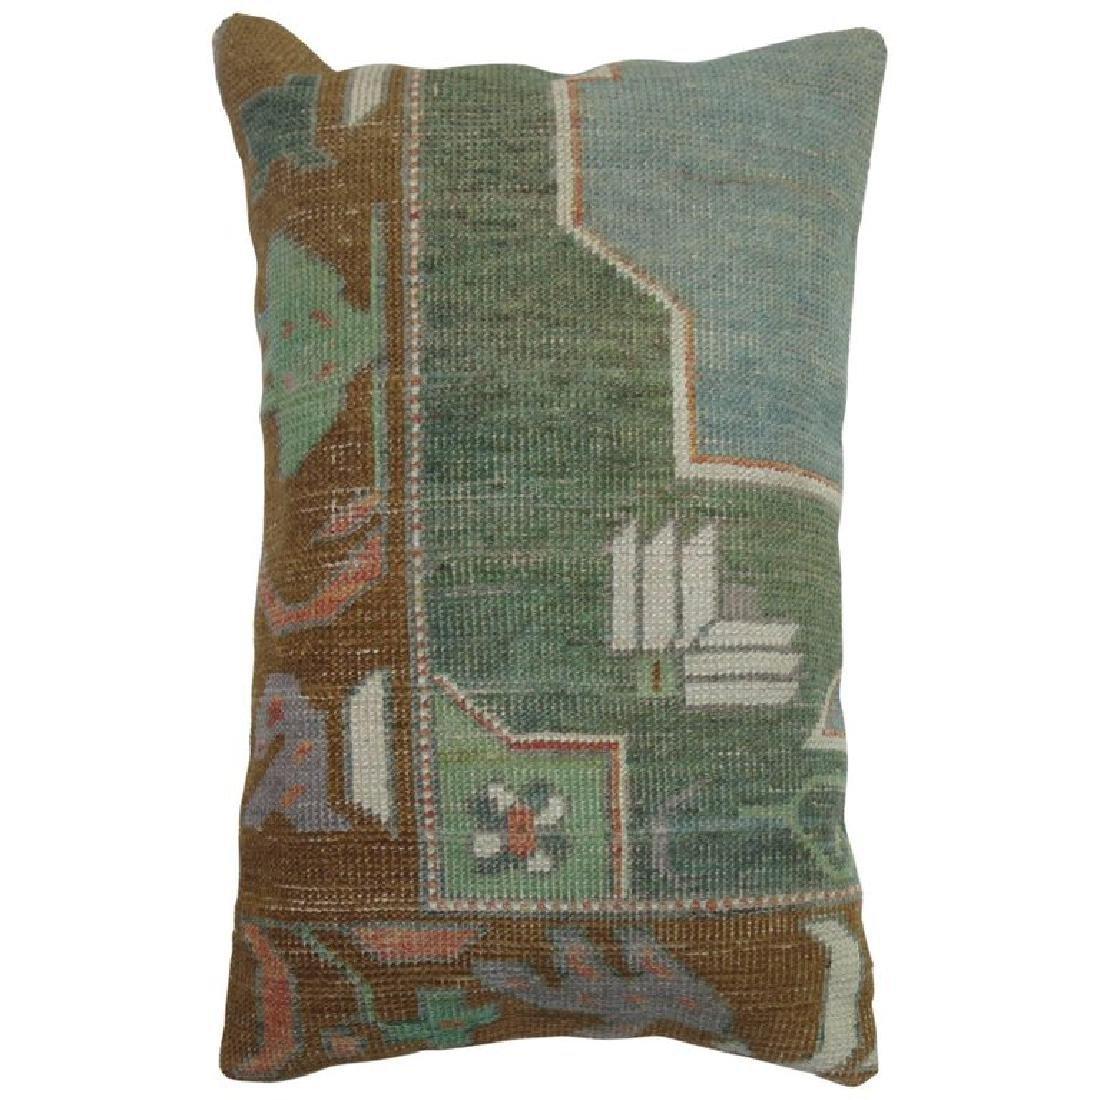 Turkish Oushak Lumbar Rug Pillow 1.5x1.7x1.7